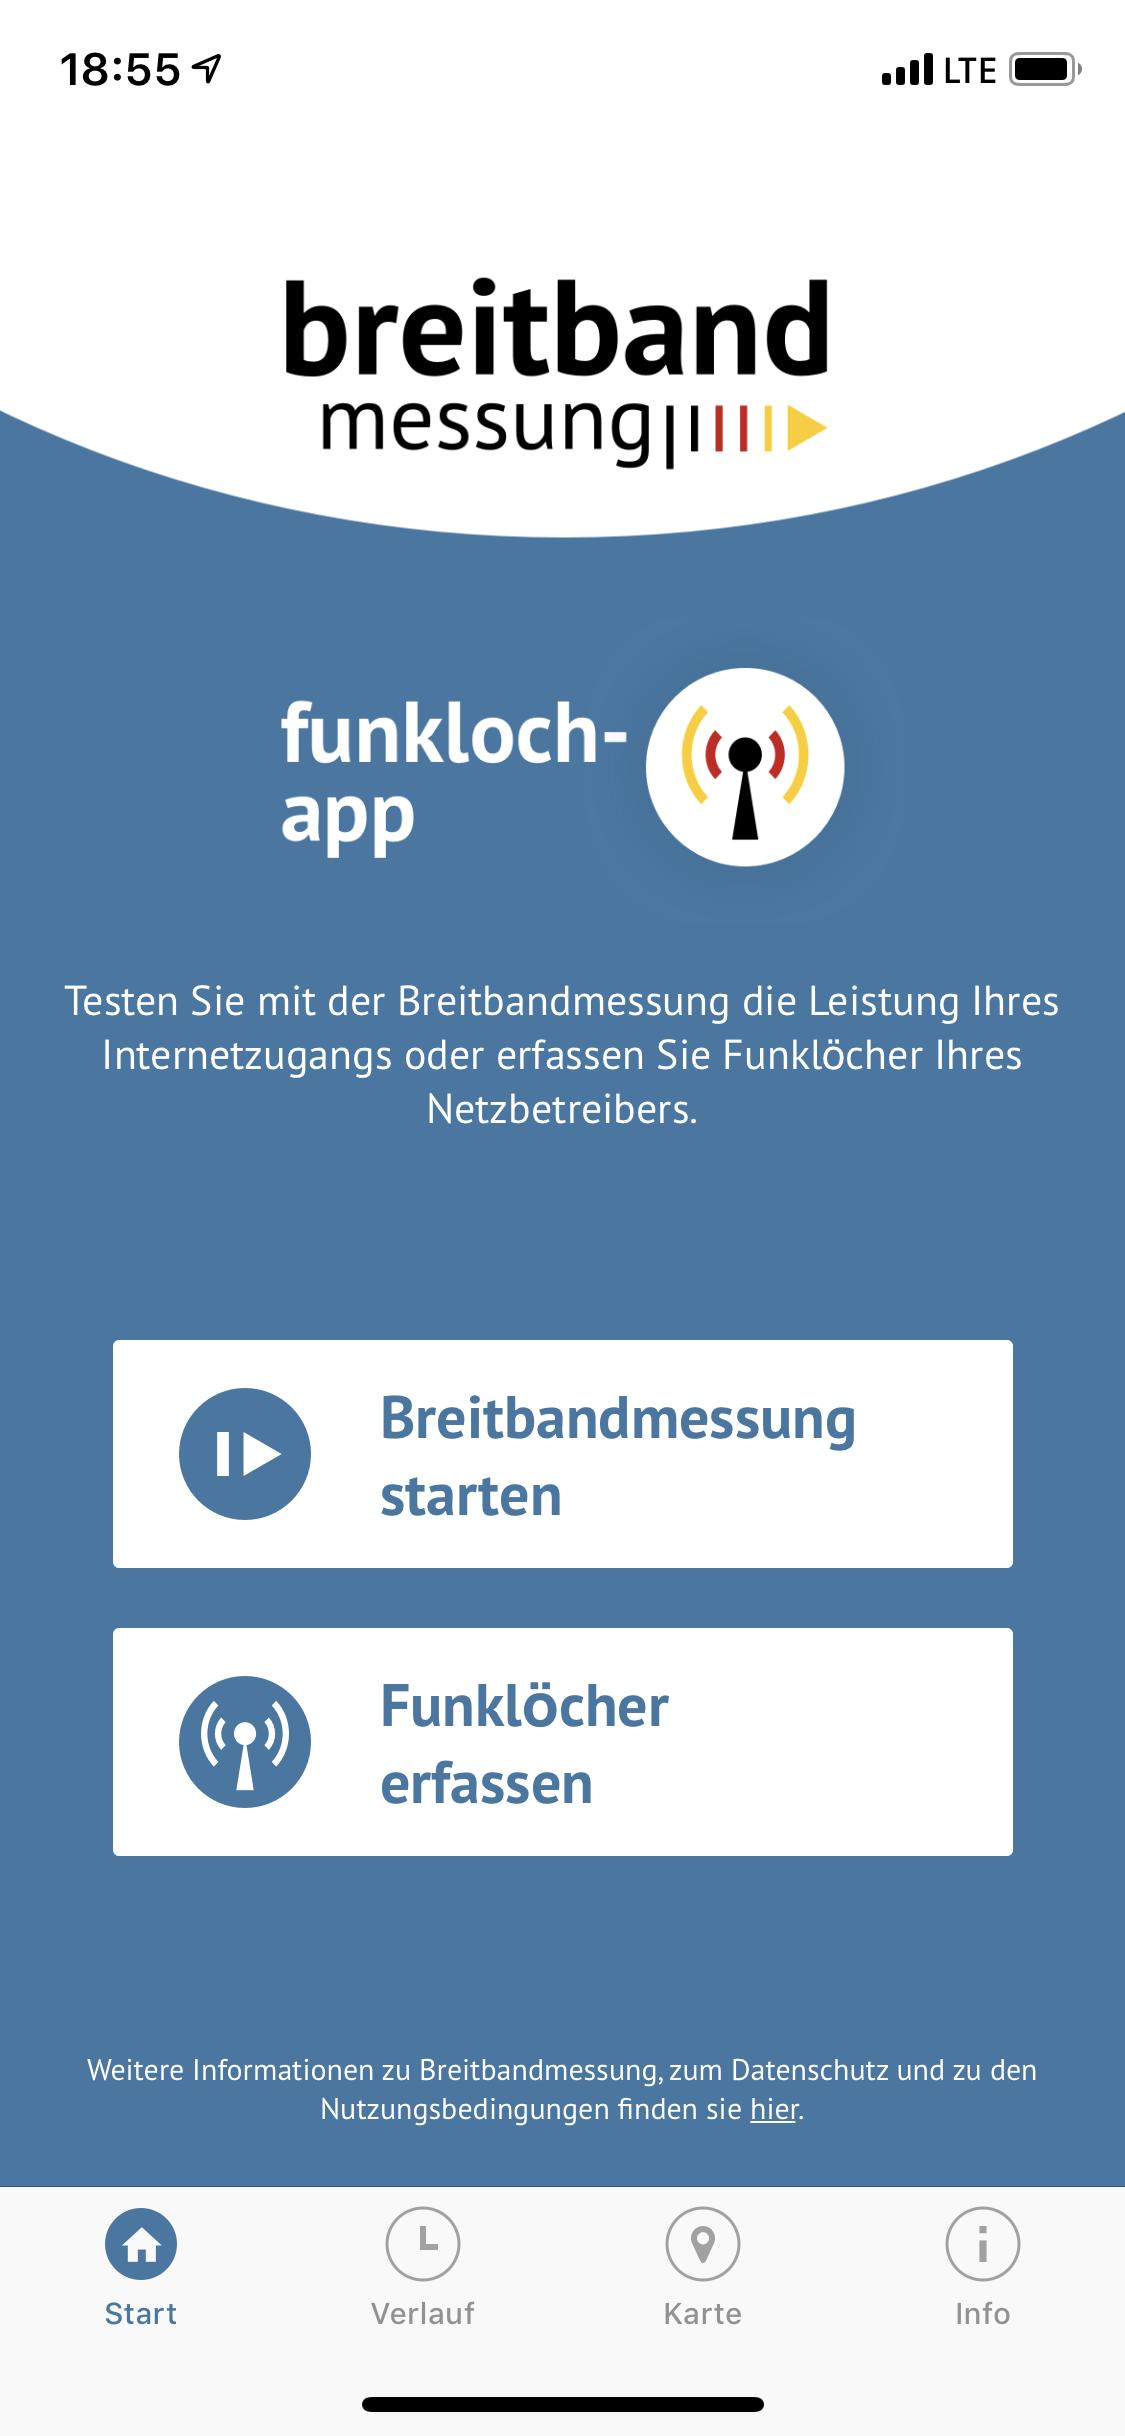 Unitymedia Verfügbarkeit Karte.Mobil Testen Breitbandmessung